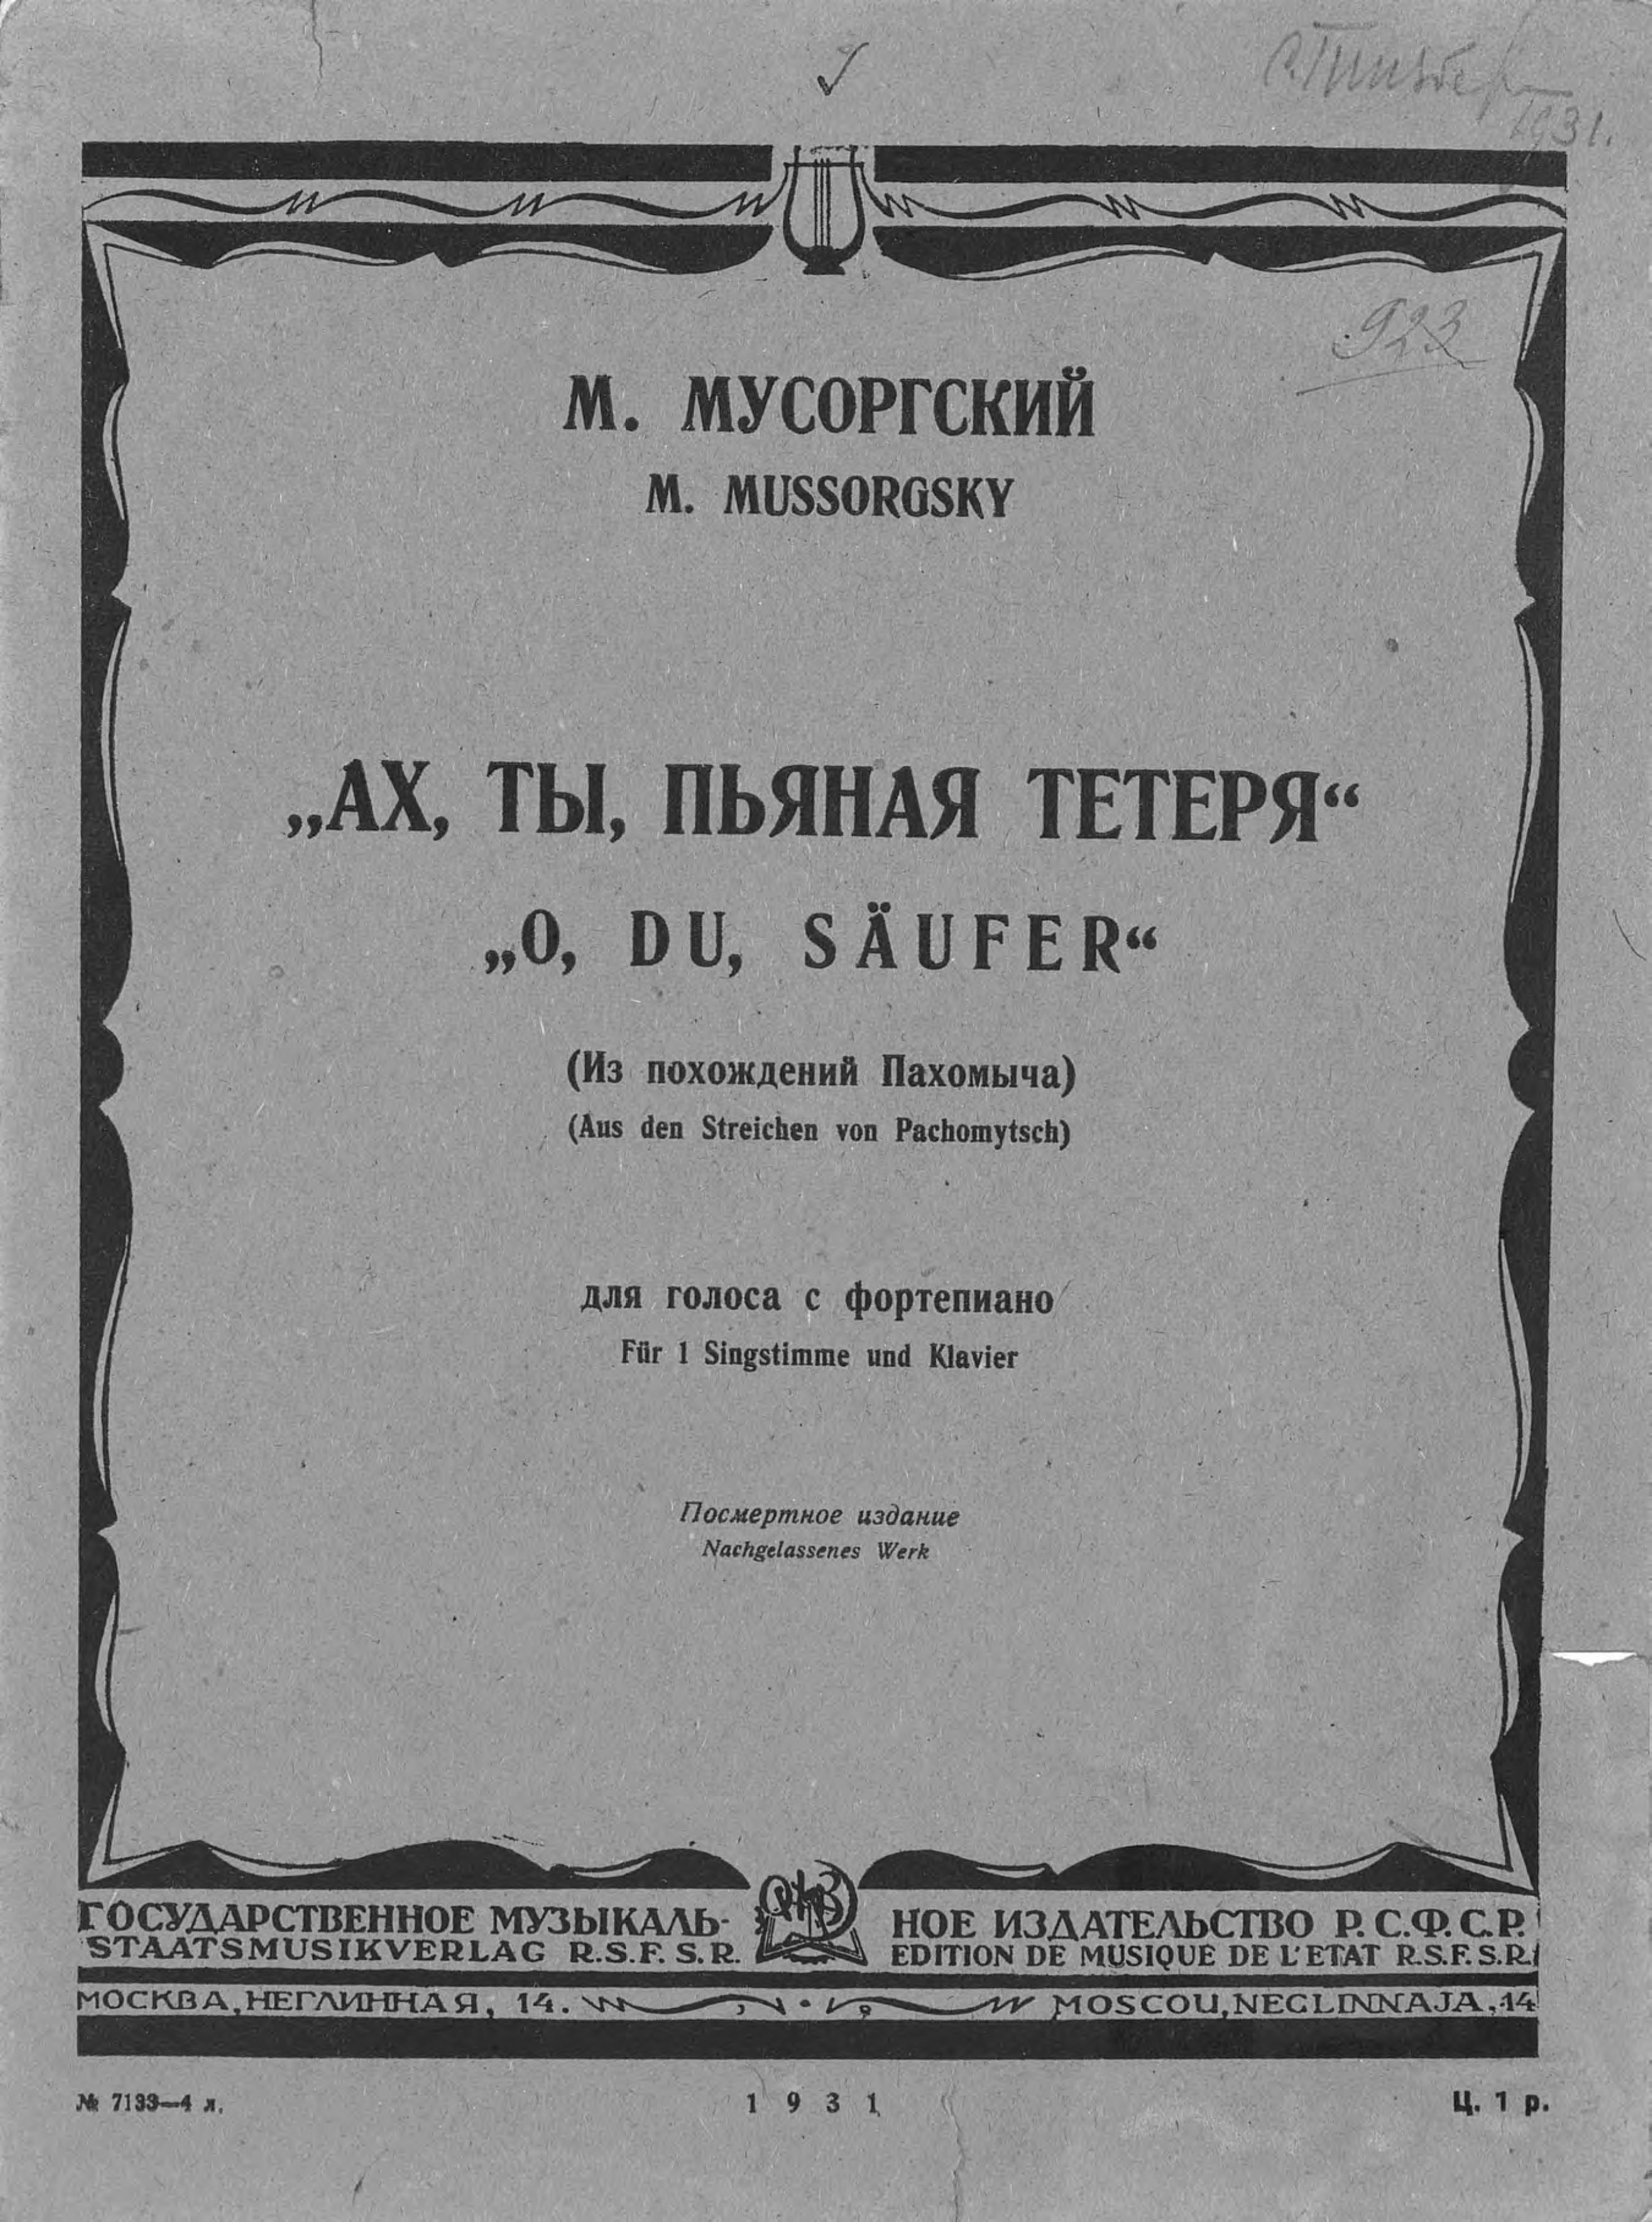 Модест Петрович Мусоргский Ах, ты, пьяная тетеря пьяная рулетка – подарок для шумной вечеринки